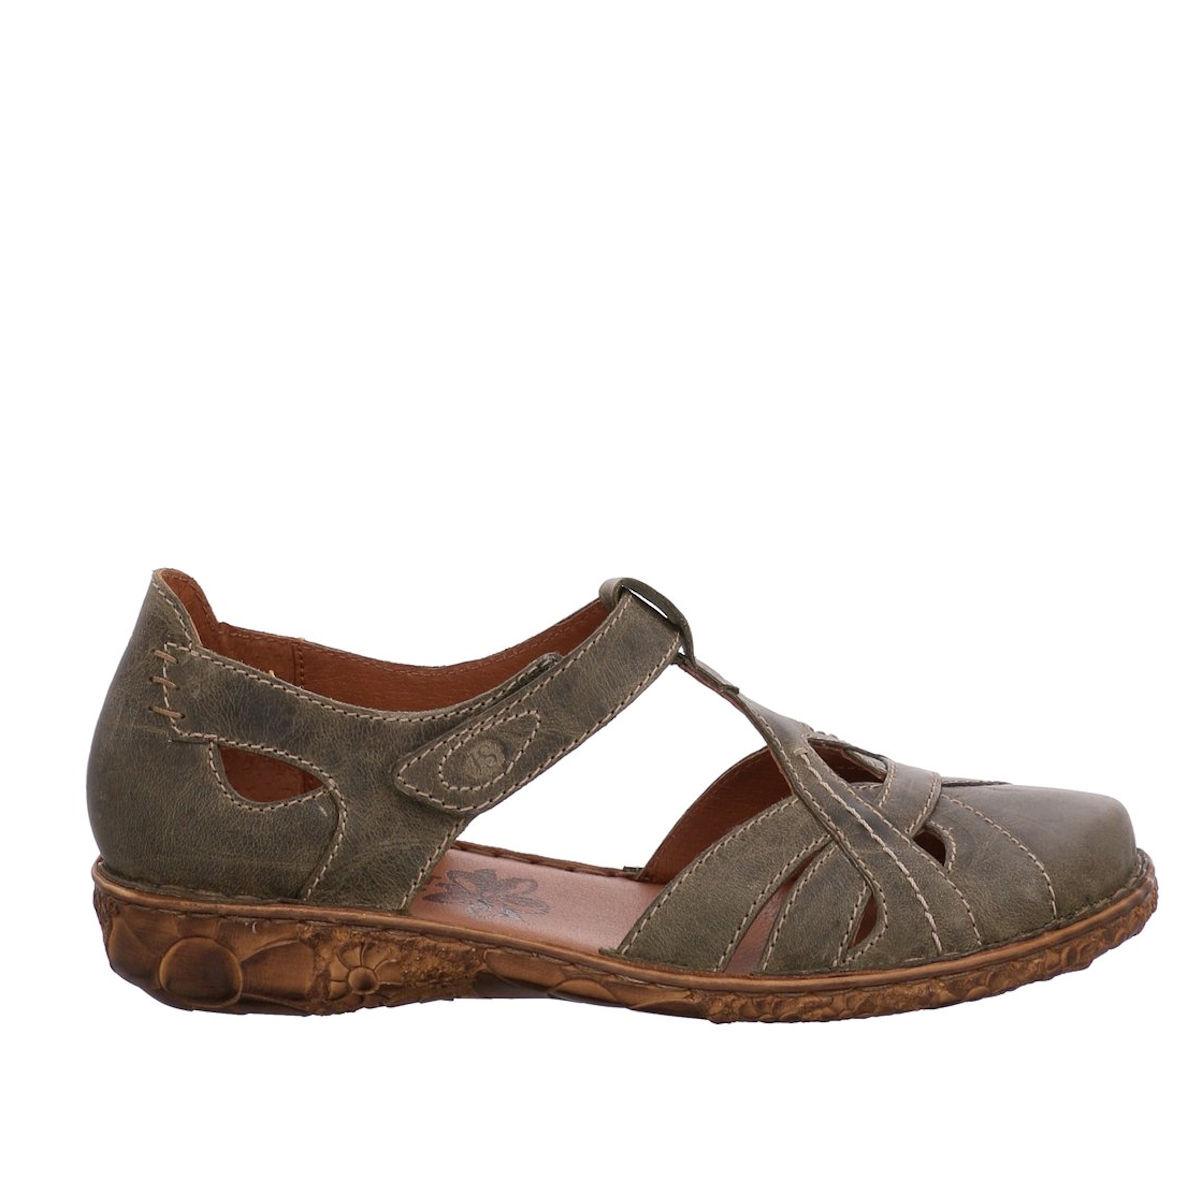 Josef Seibel Rosalie 44 - Womens Olive Closed Toe Sandal